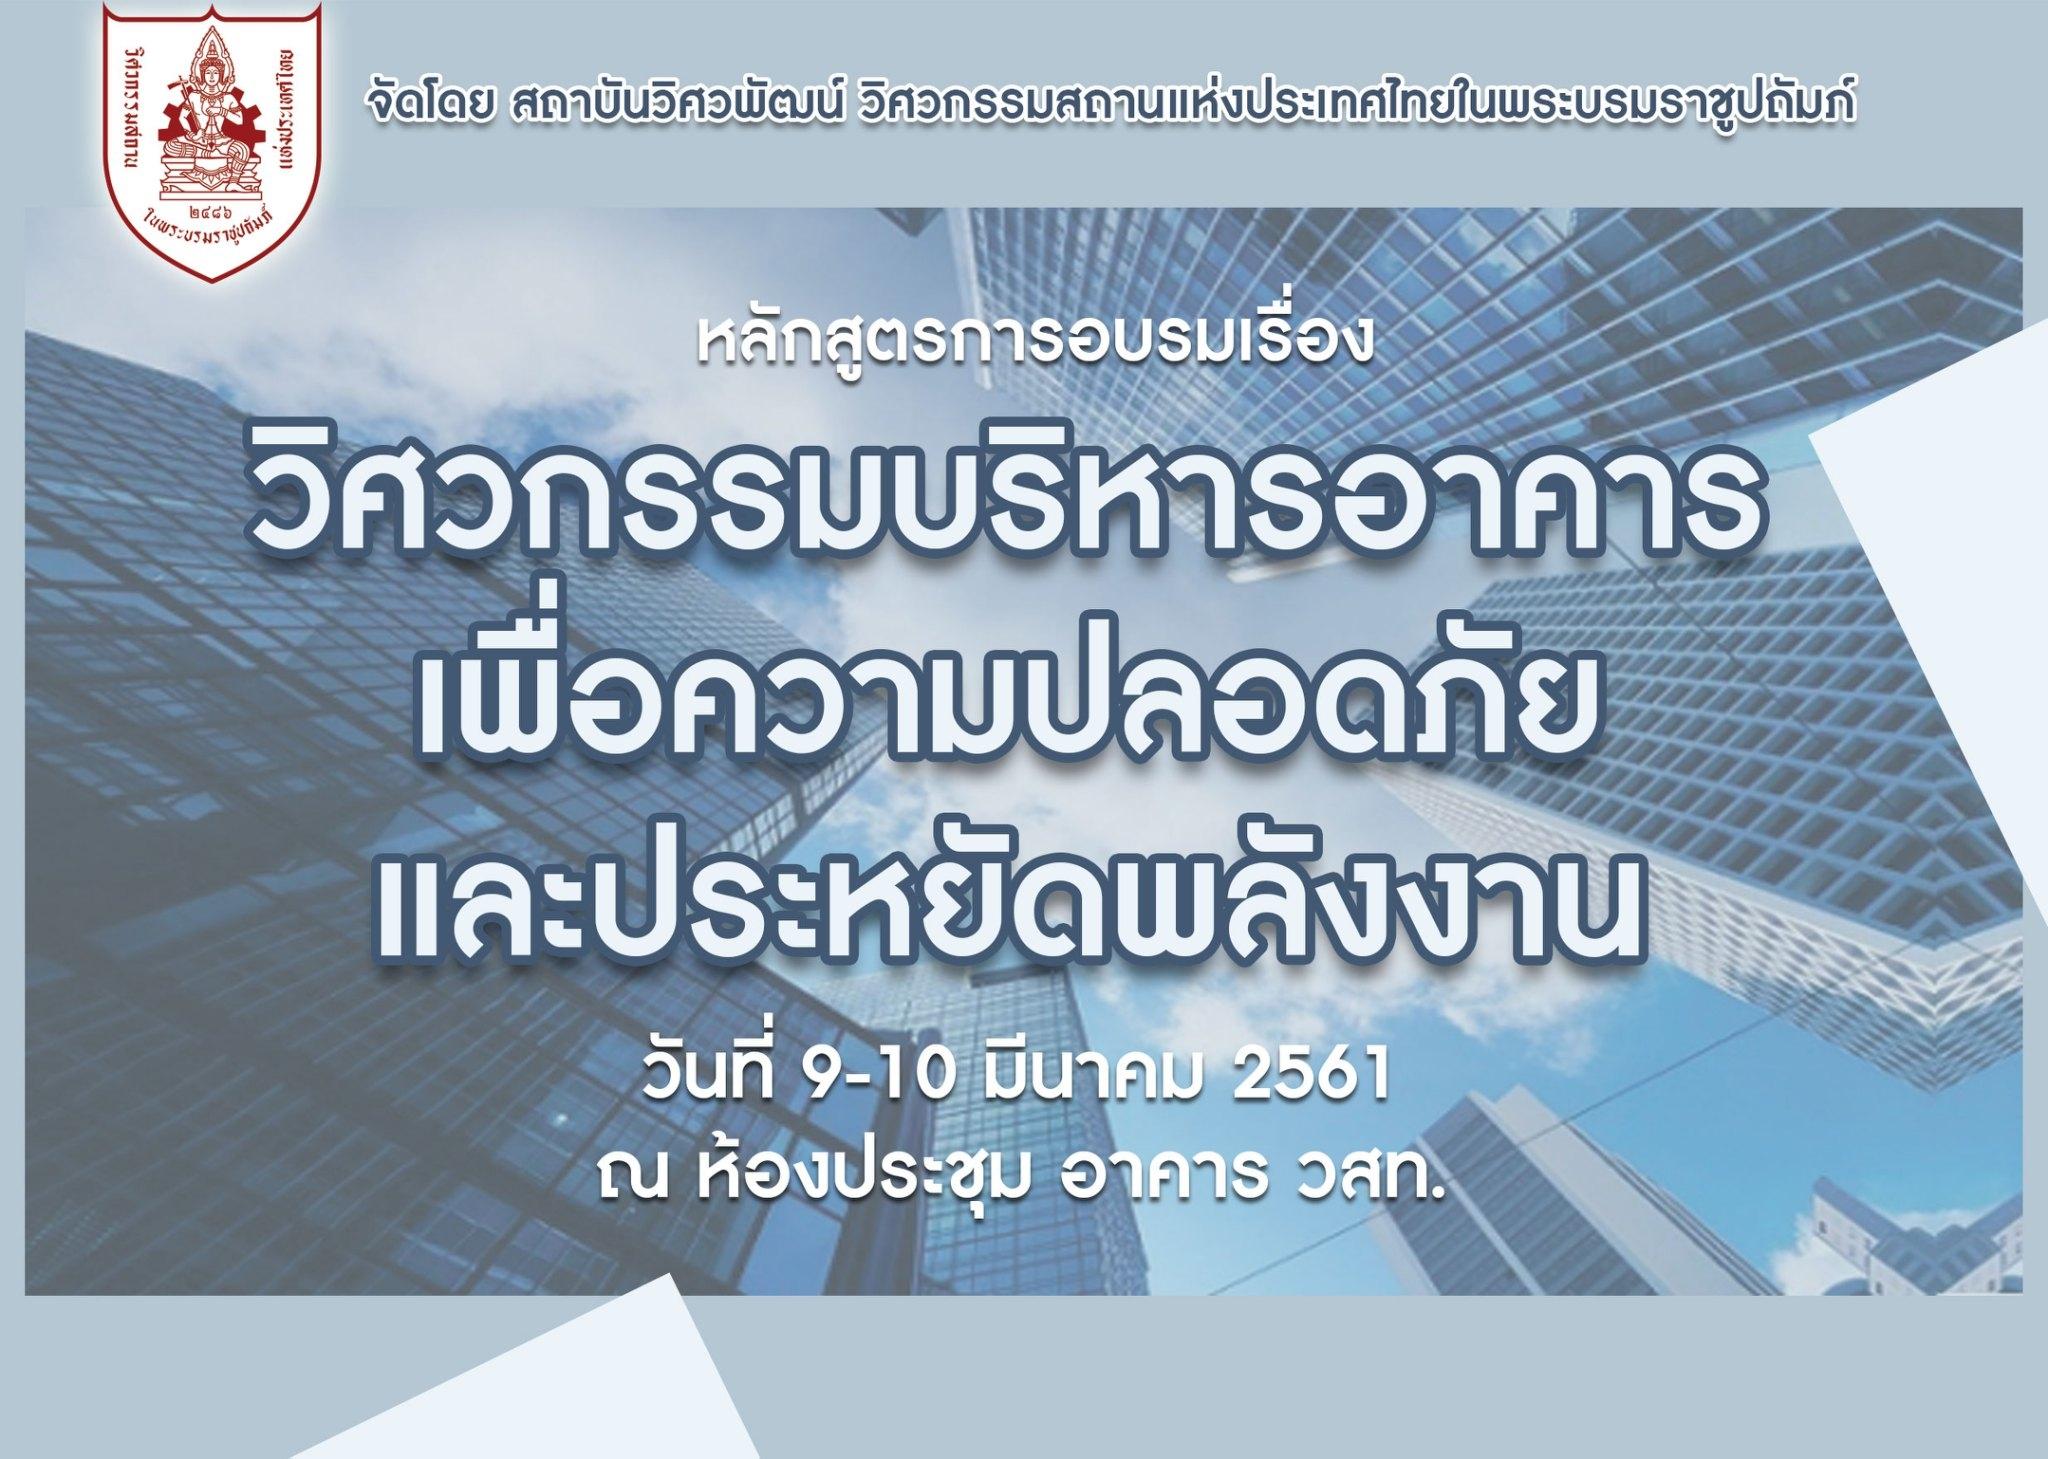 9-10/03/2561 วิศวกรรมบริหารอาคาร เพื่อความปลอดภัยและประหยัดพลังงาน รุ่นที่ 7